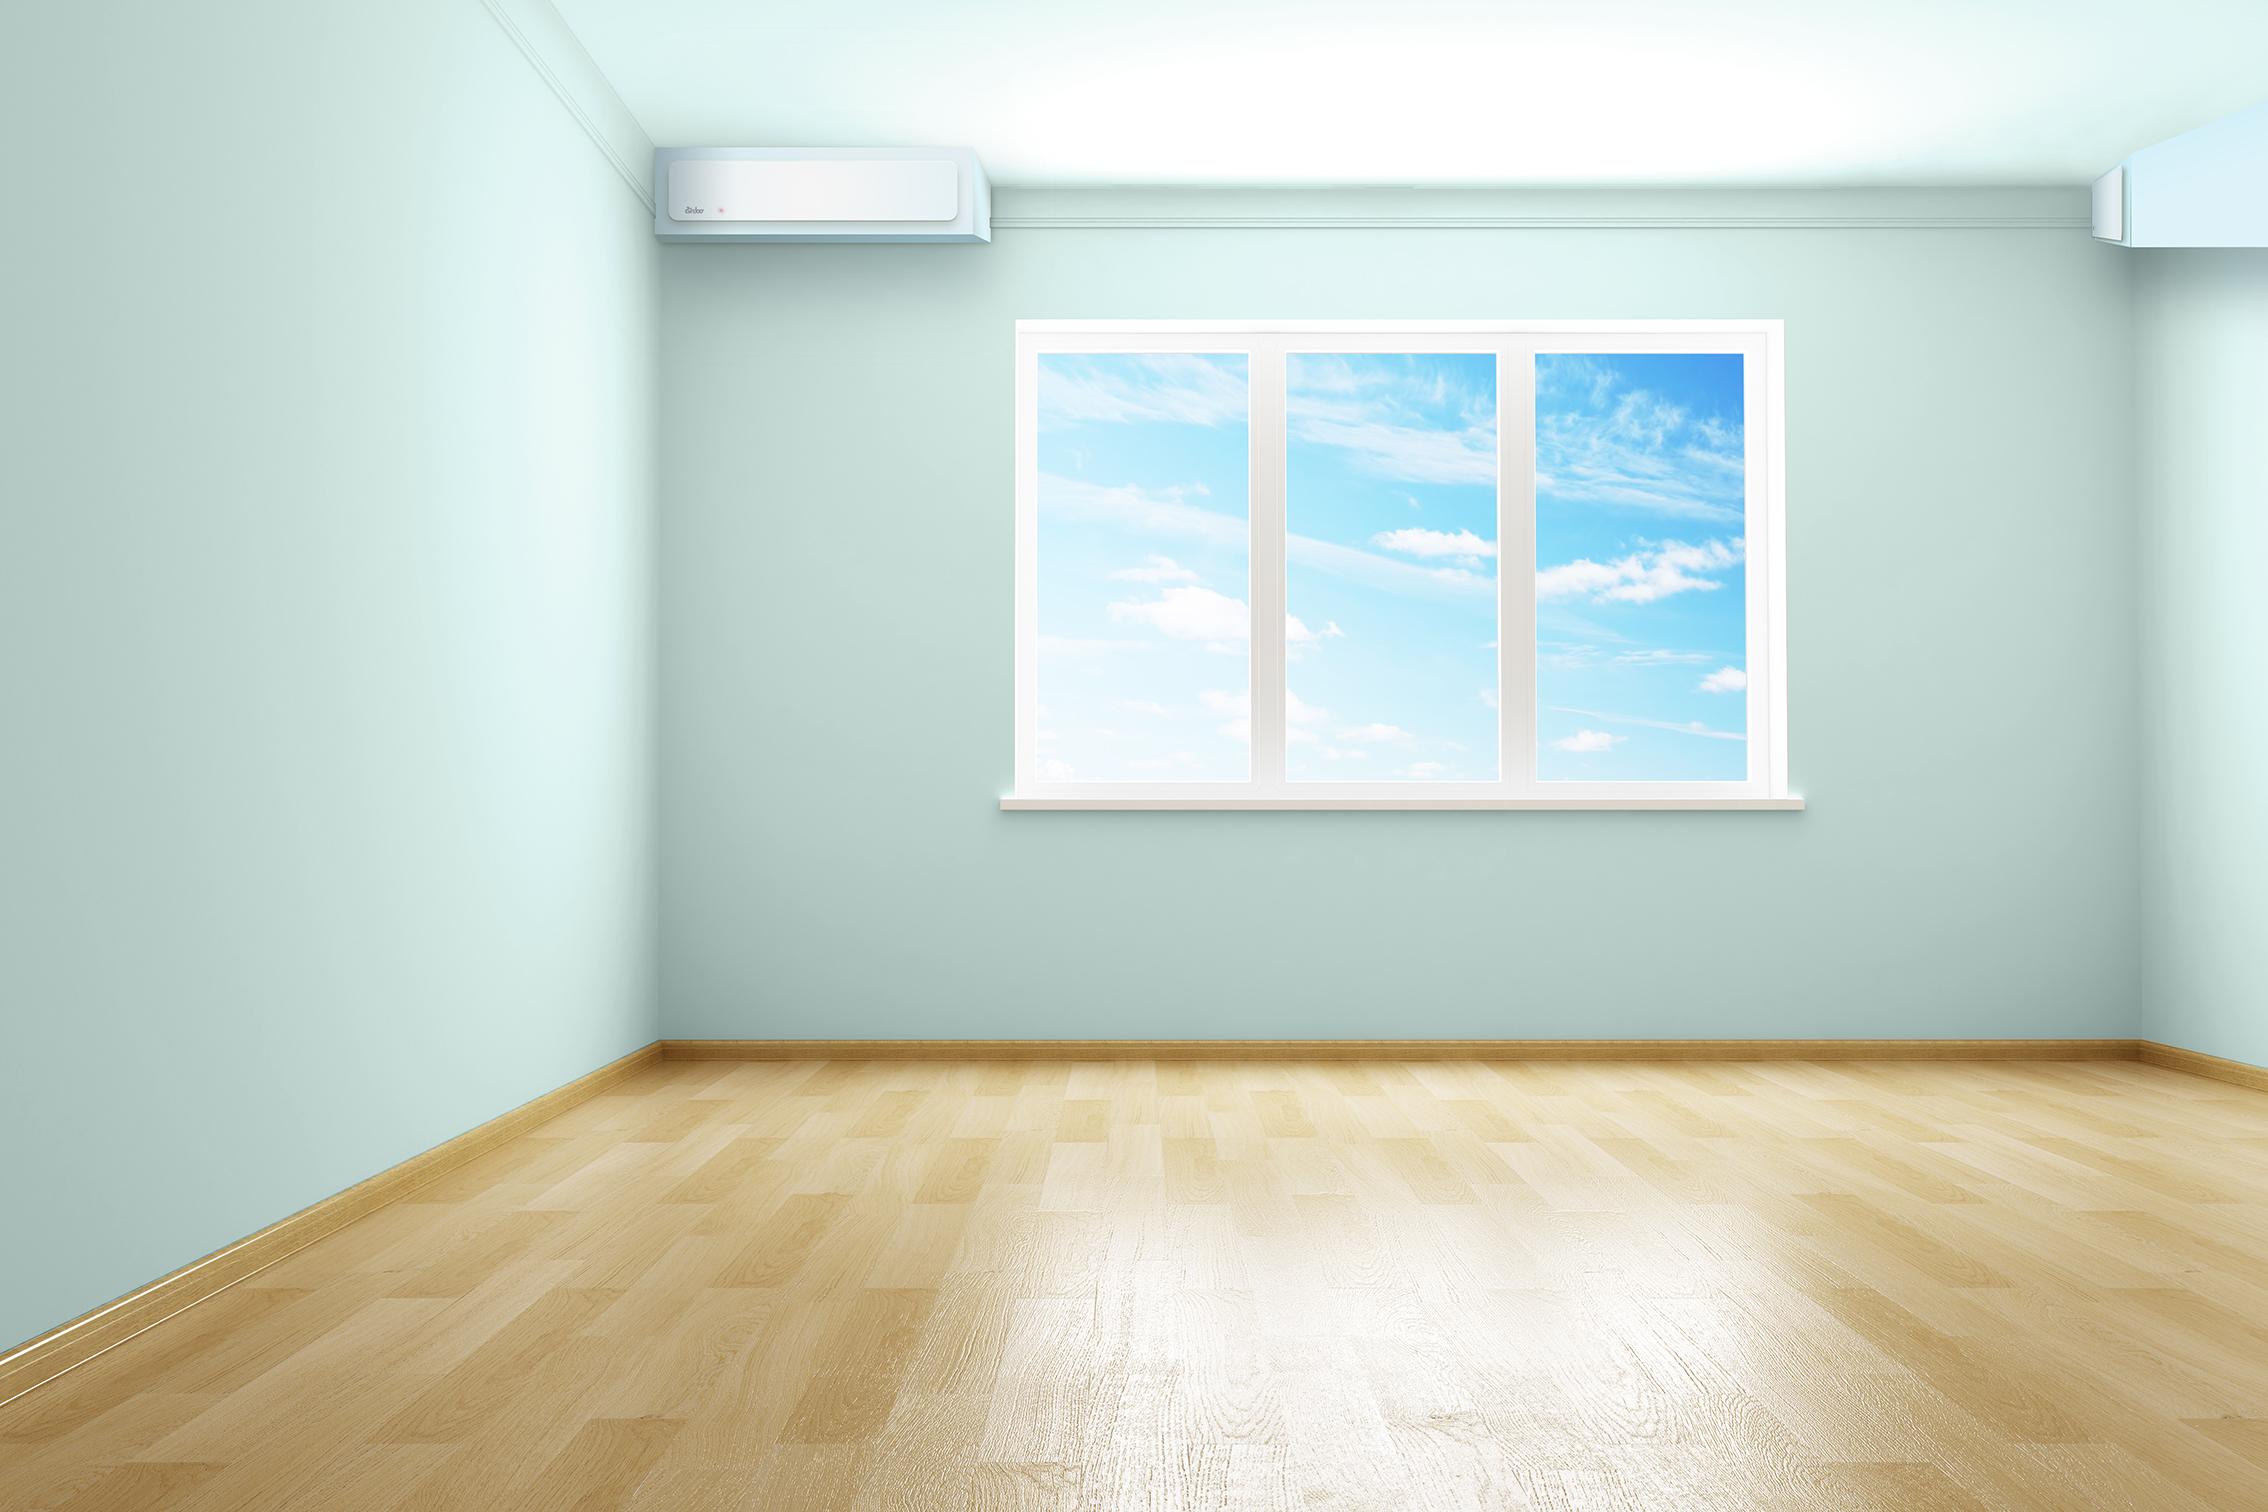 картинка комнаты без мебели с окном так просто решили